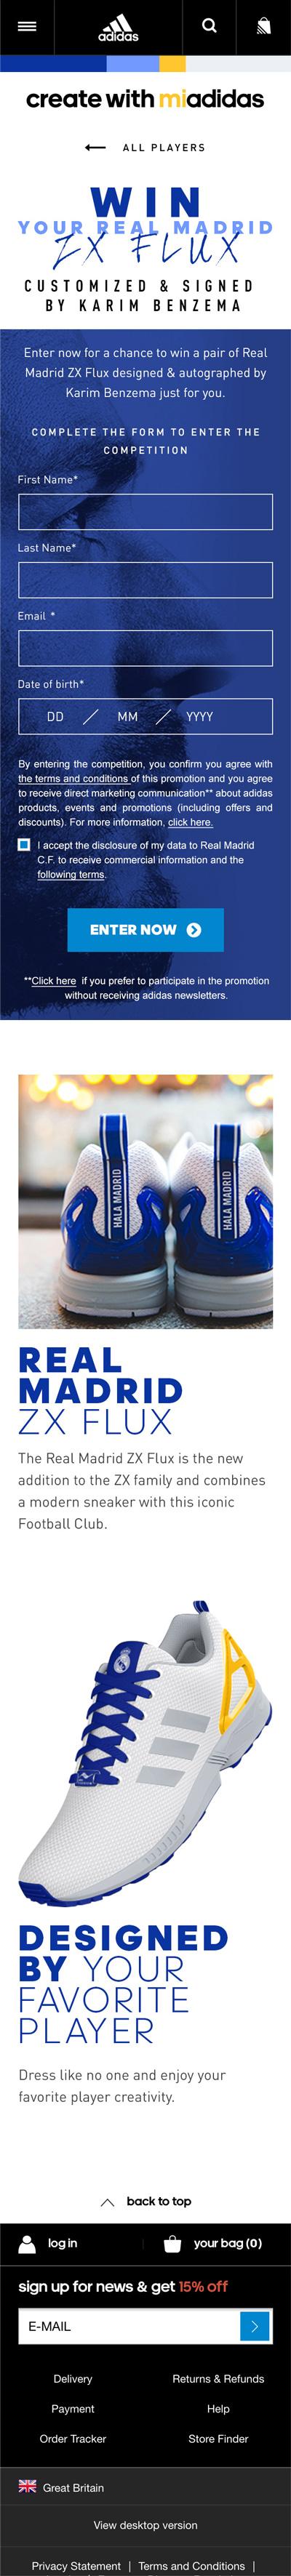 la haute societe adidas webmarketing